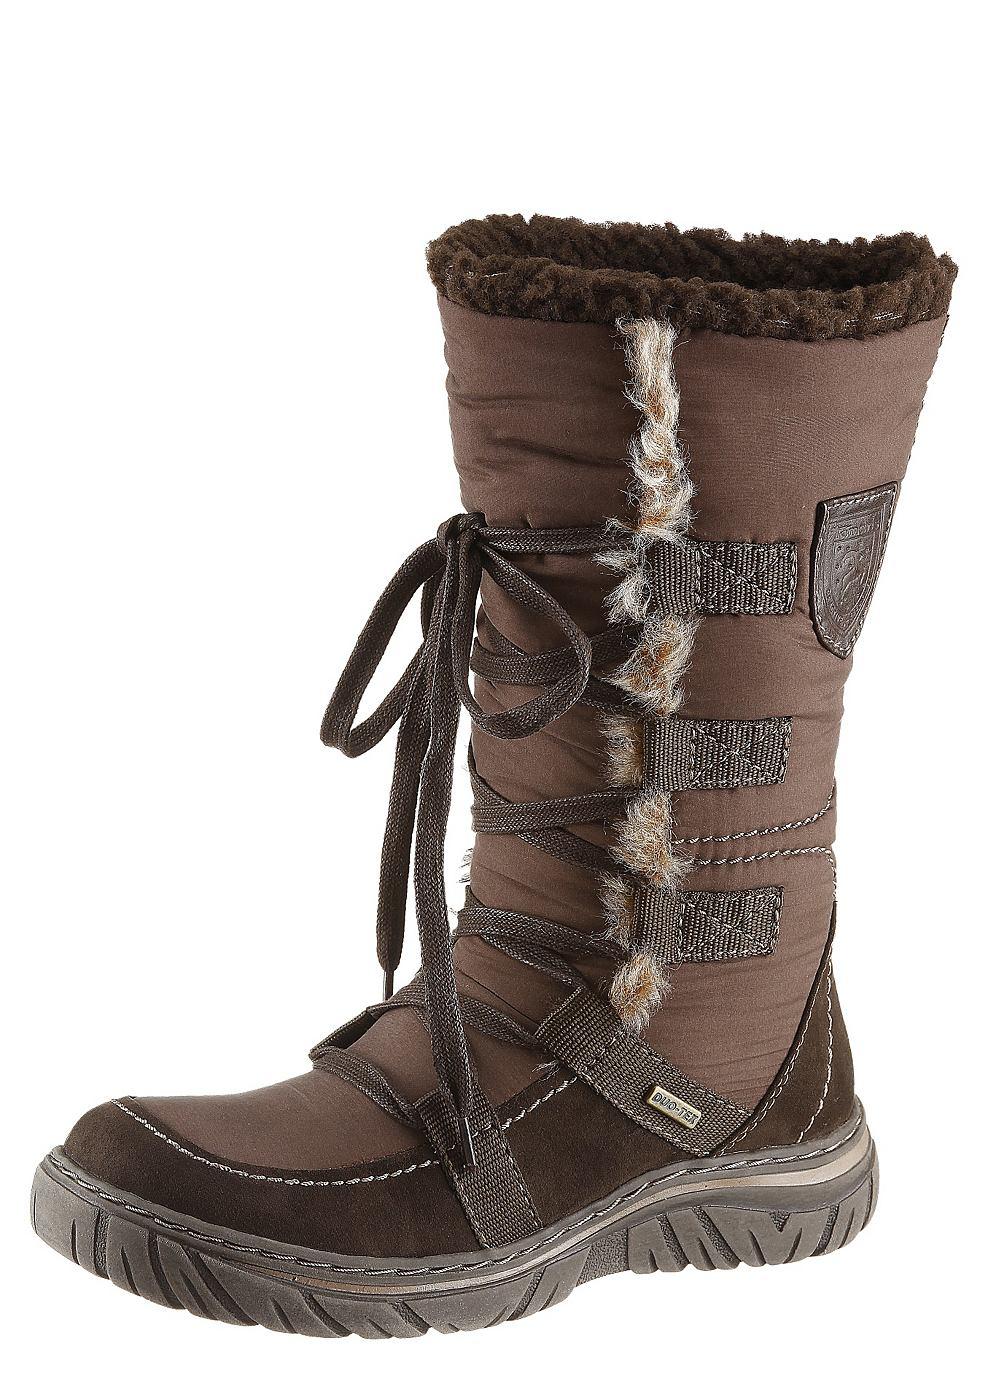 Damesschoenen tamaris laarzen met warme voering - Beige warme of koude kleur ...